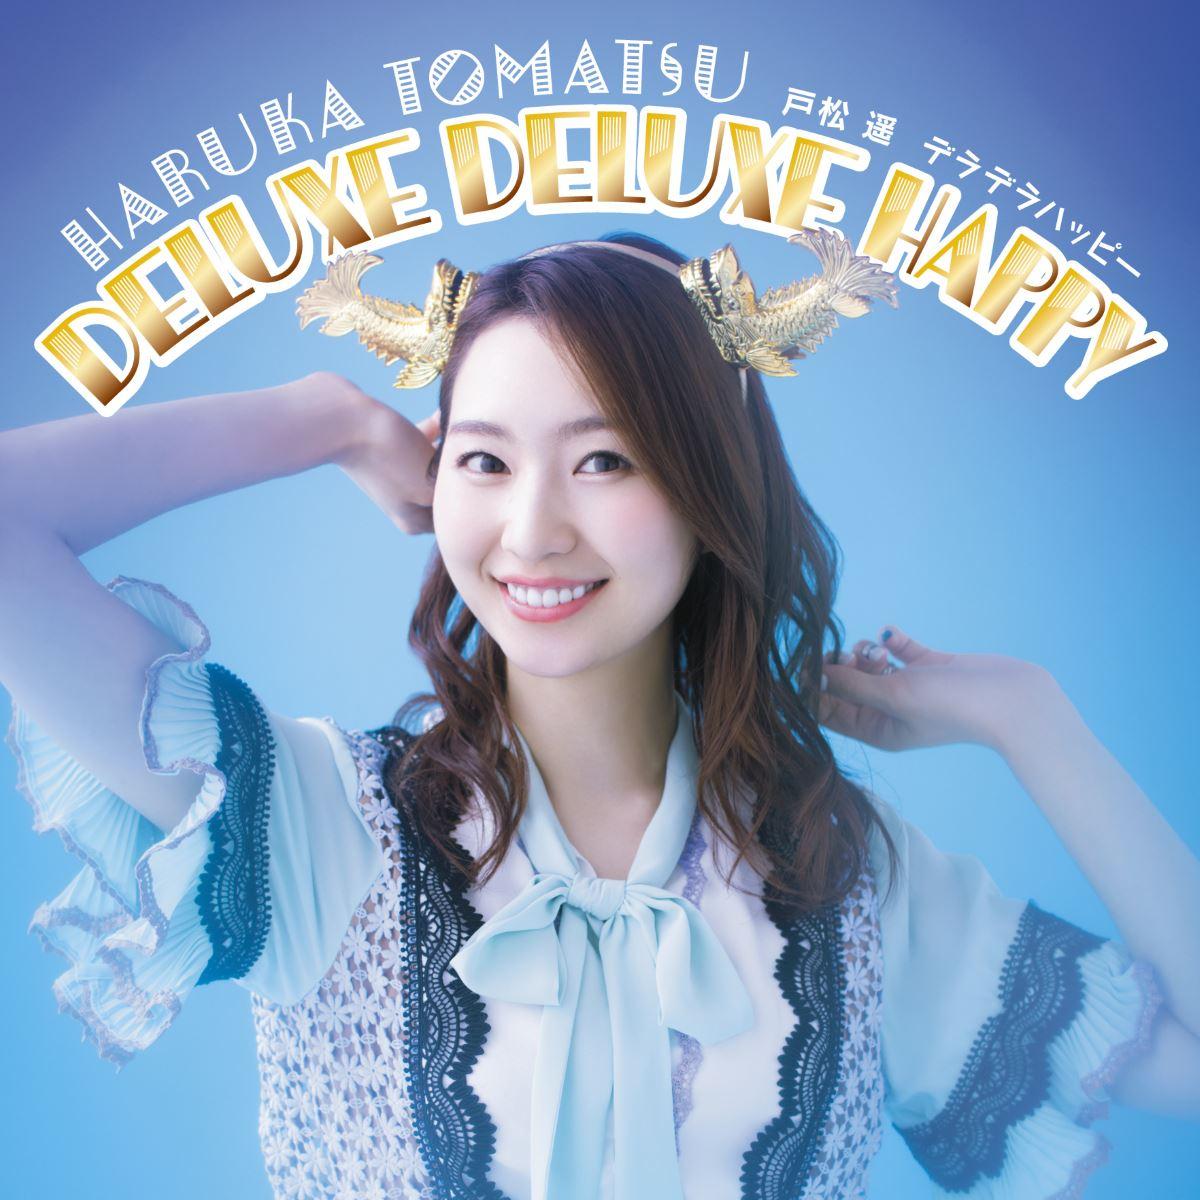 『戸松遥 - DELUXE DELUXE HAPPY』収録の『DELUXE DELUXE HAPPY』ジャケット